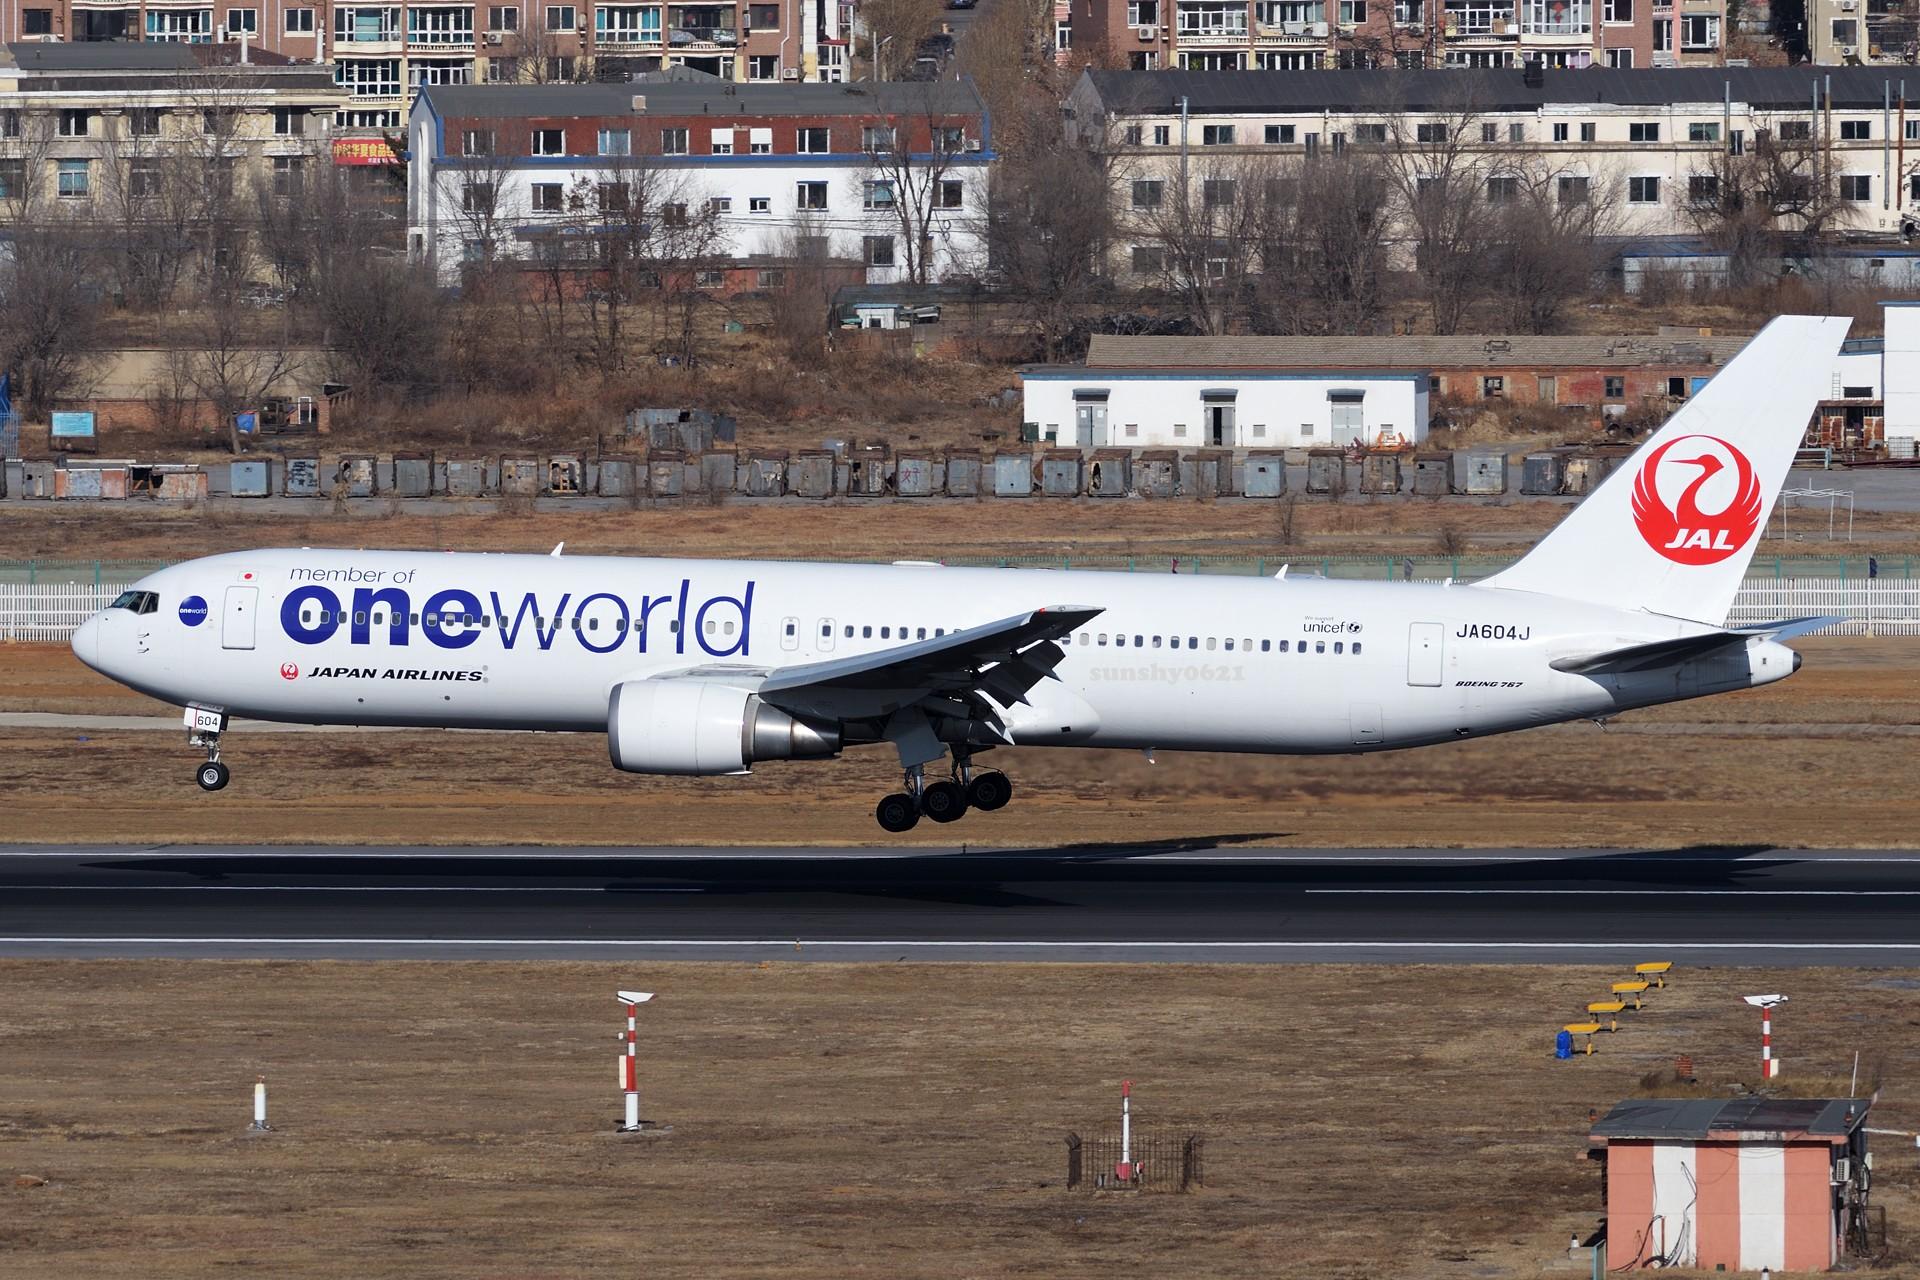 Re:[原创]★[DLC]2016年终总结(持续更新中)★ BOEING 767-300ER JA604J 中国大连国际机场